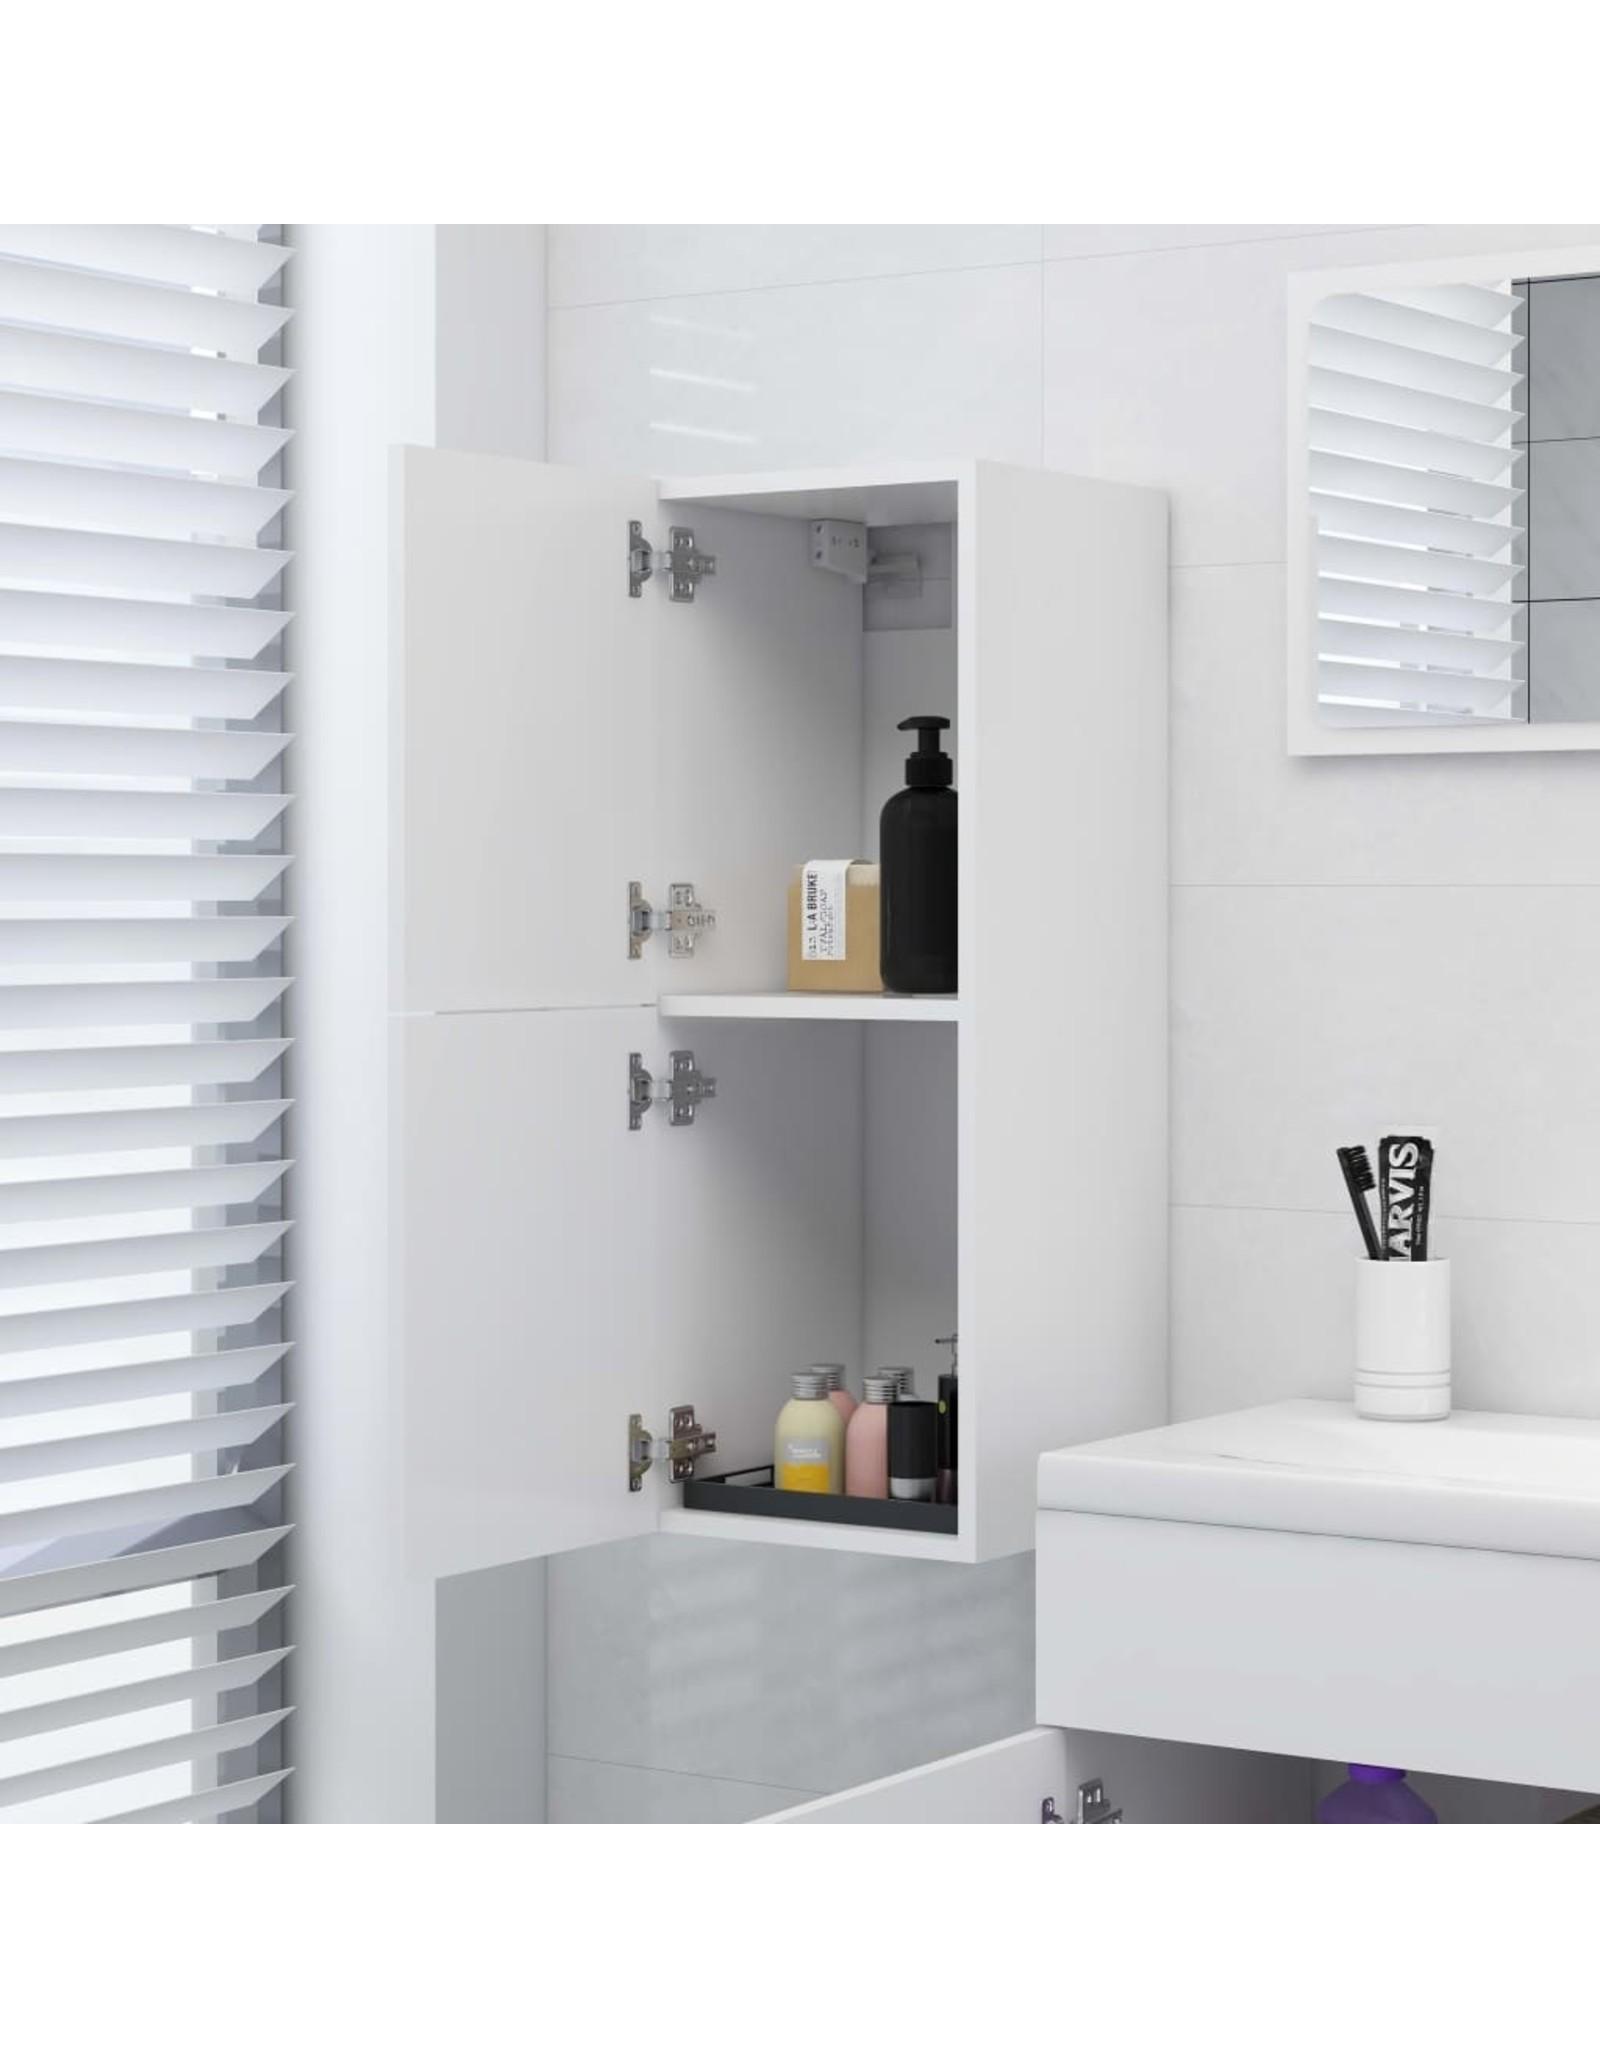 Badkamerkast 30x30x80 cm spaanplaat wit